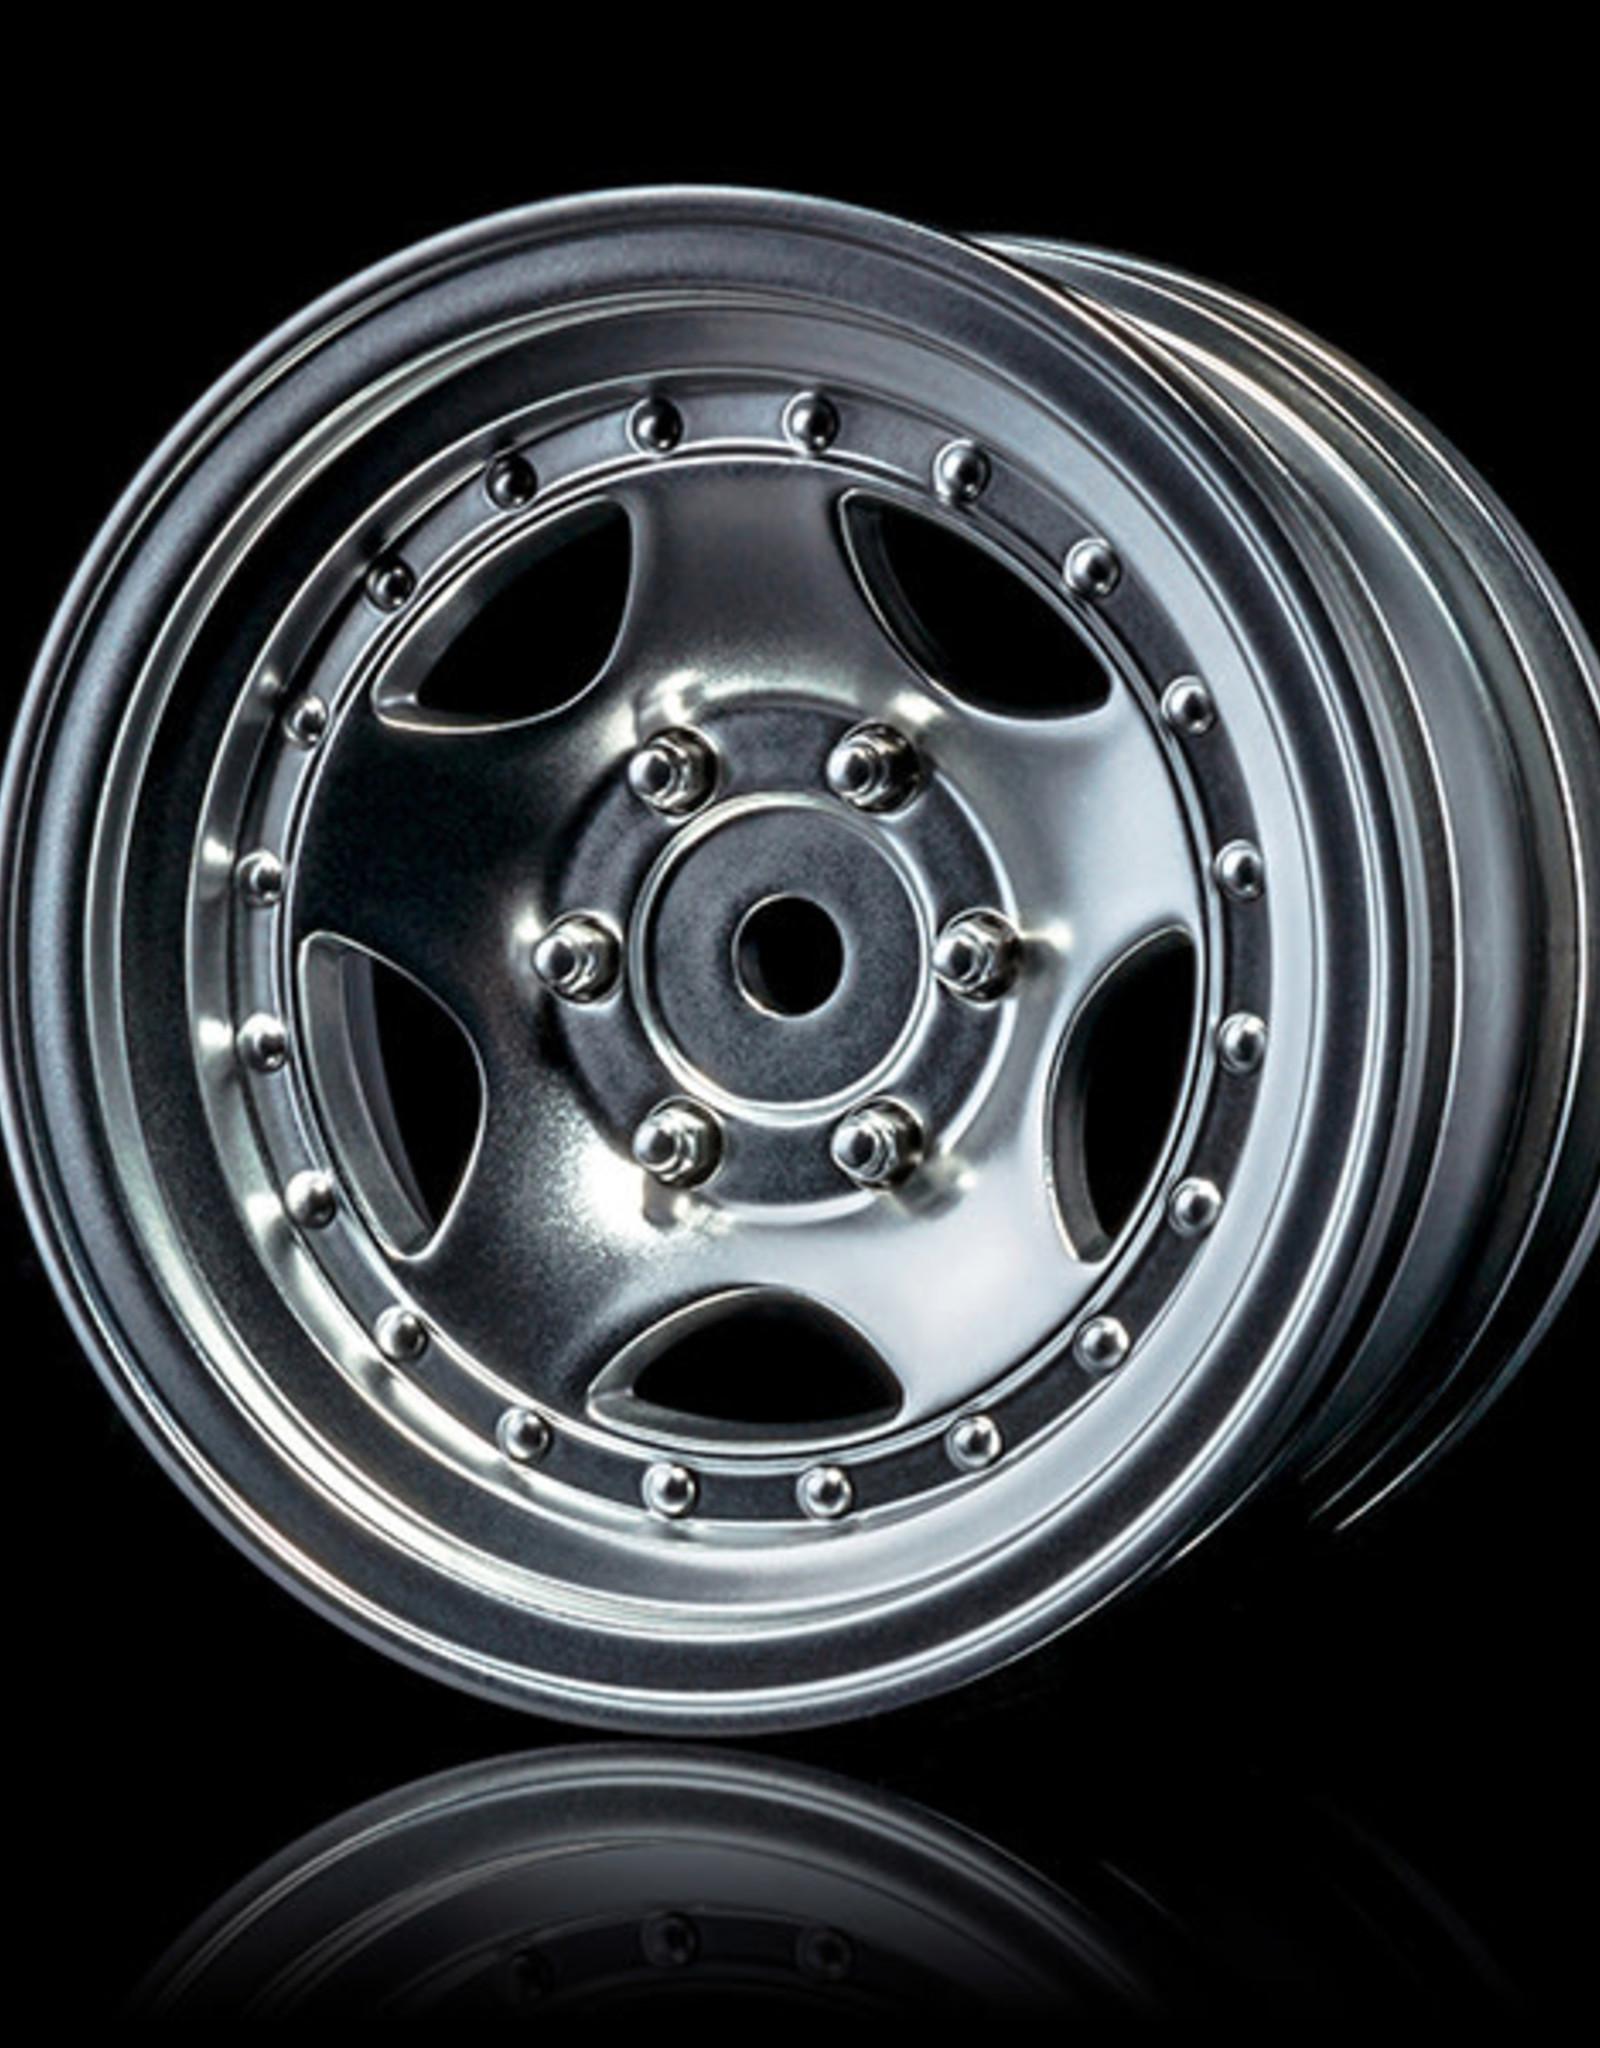 MST MXSPD102100FS Flat silver 236 wheel (+5) (4) by MST 102100FS